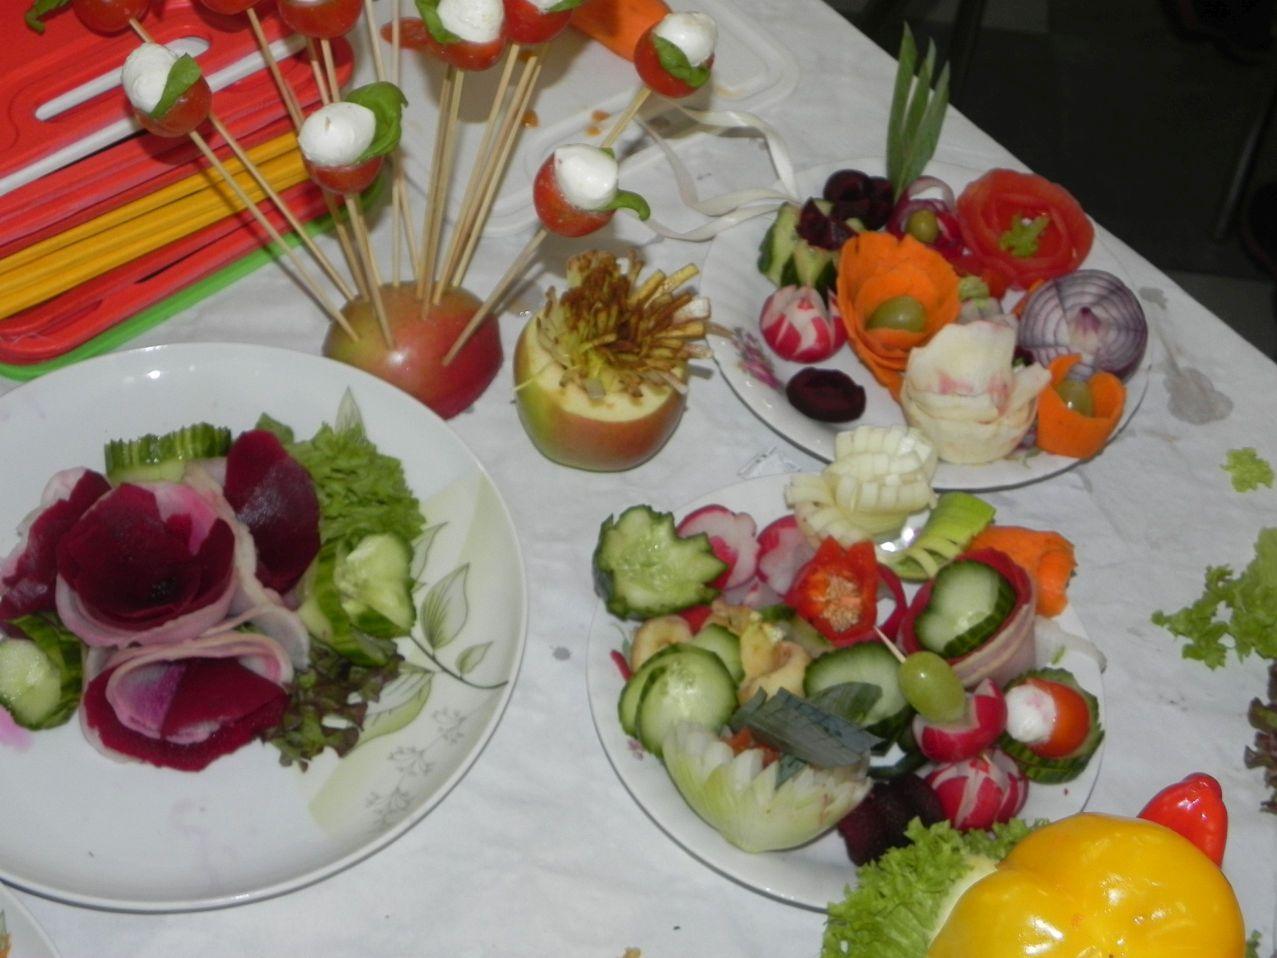 2016-02-14 Sierzchowy - Wioska Pomidorowa - testowanie (88)